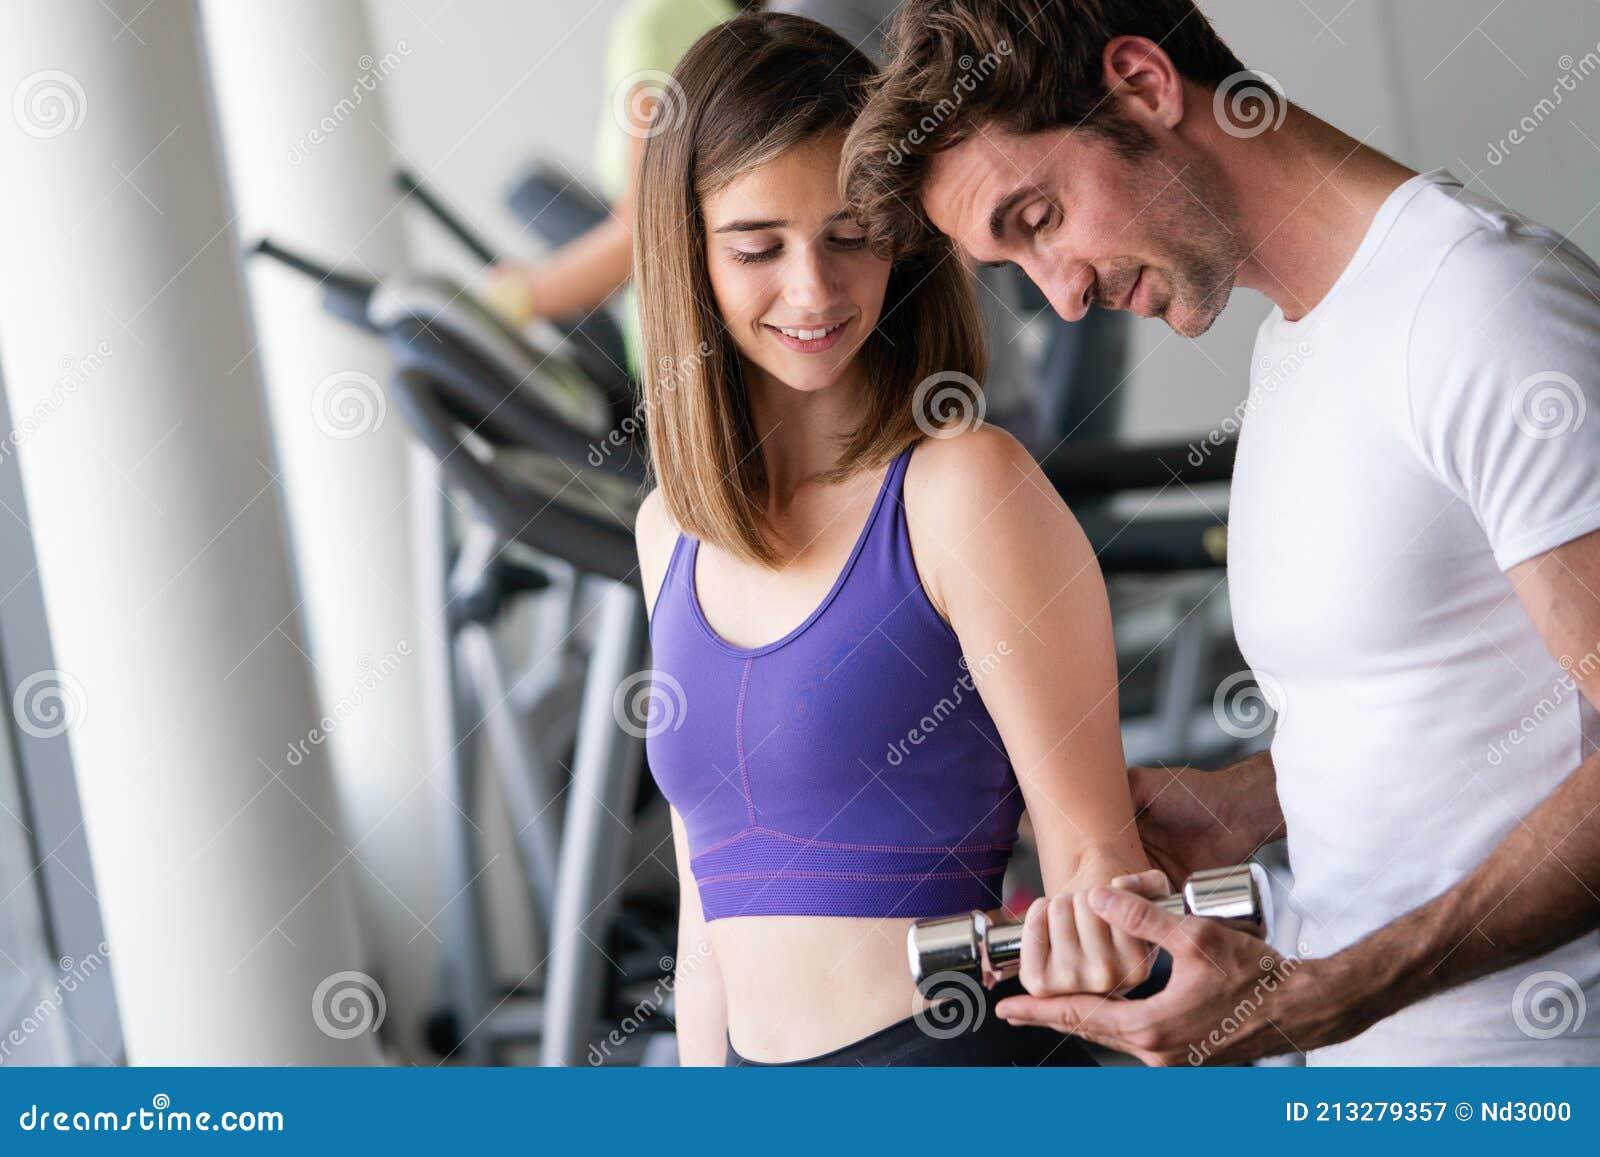 fitnesstrainer flirten